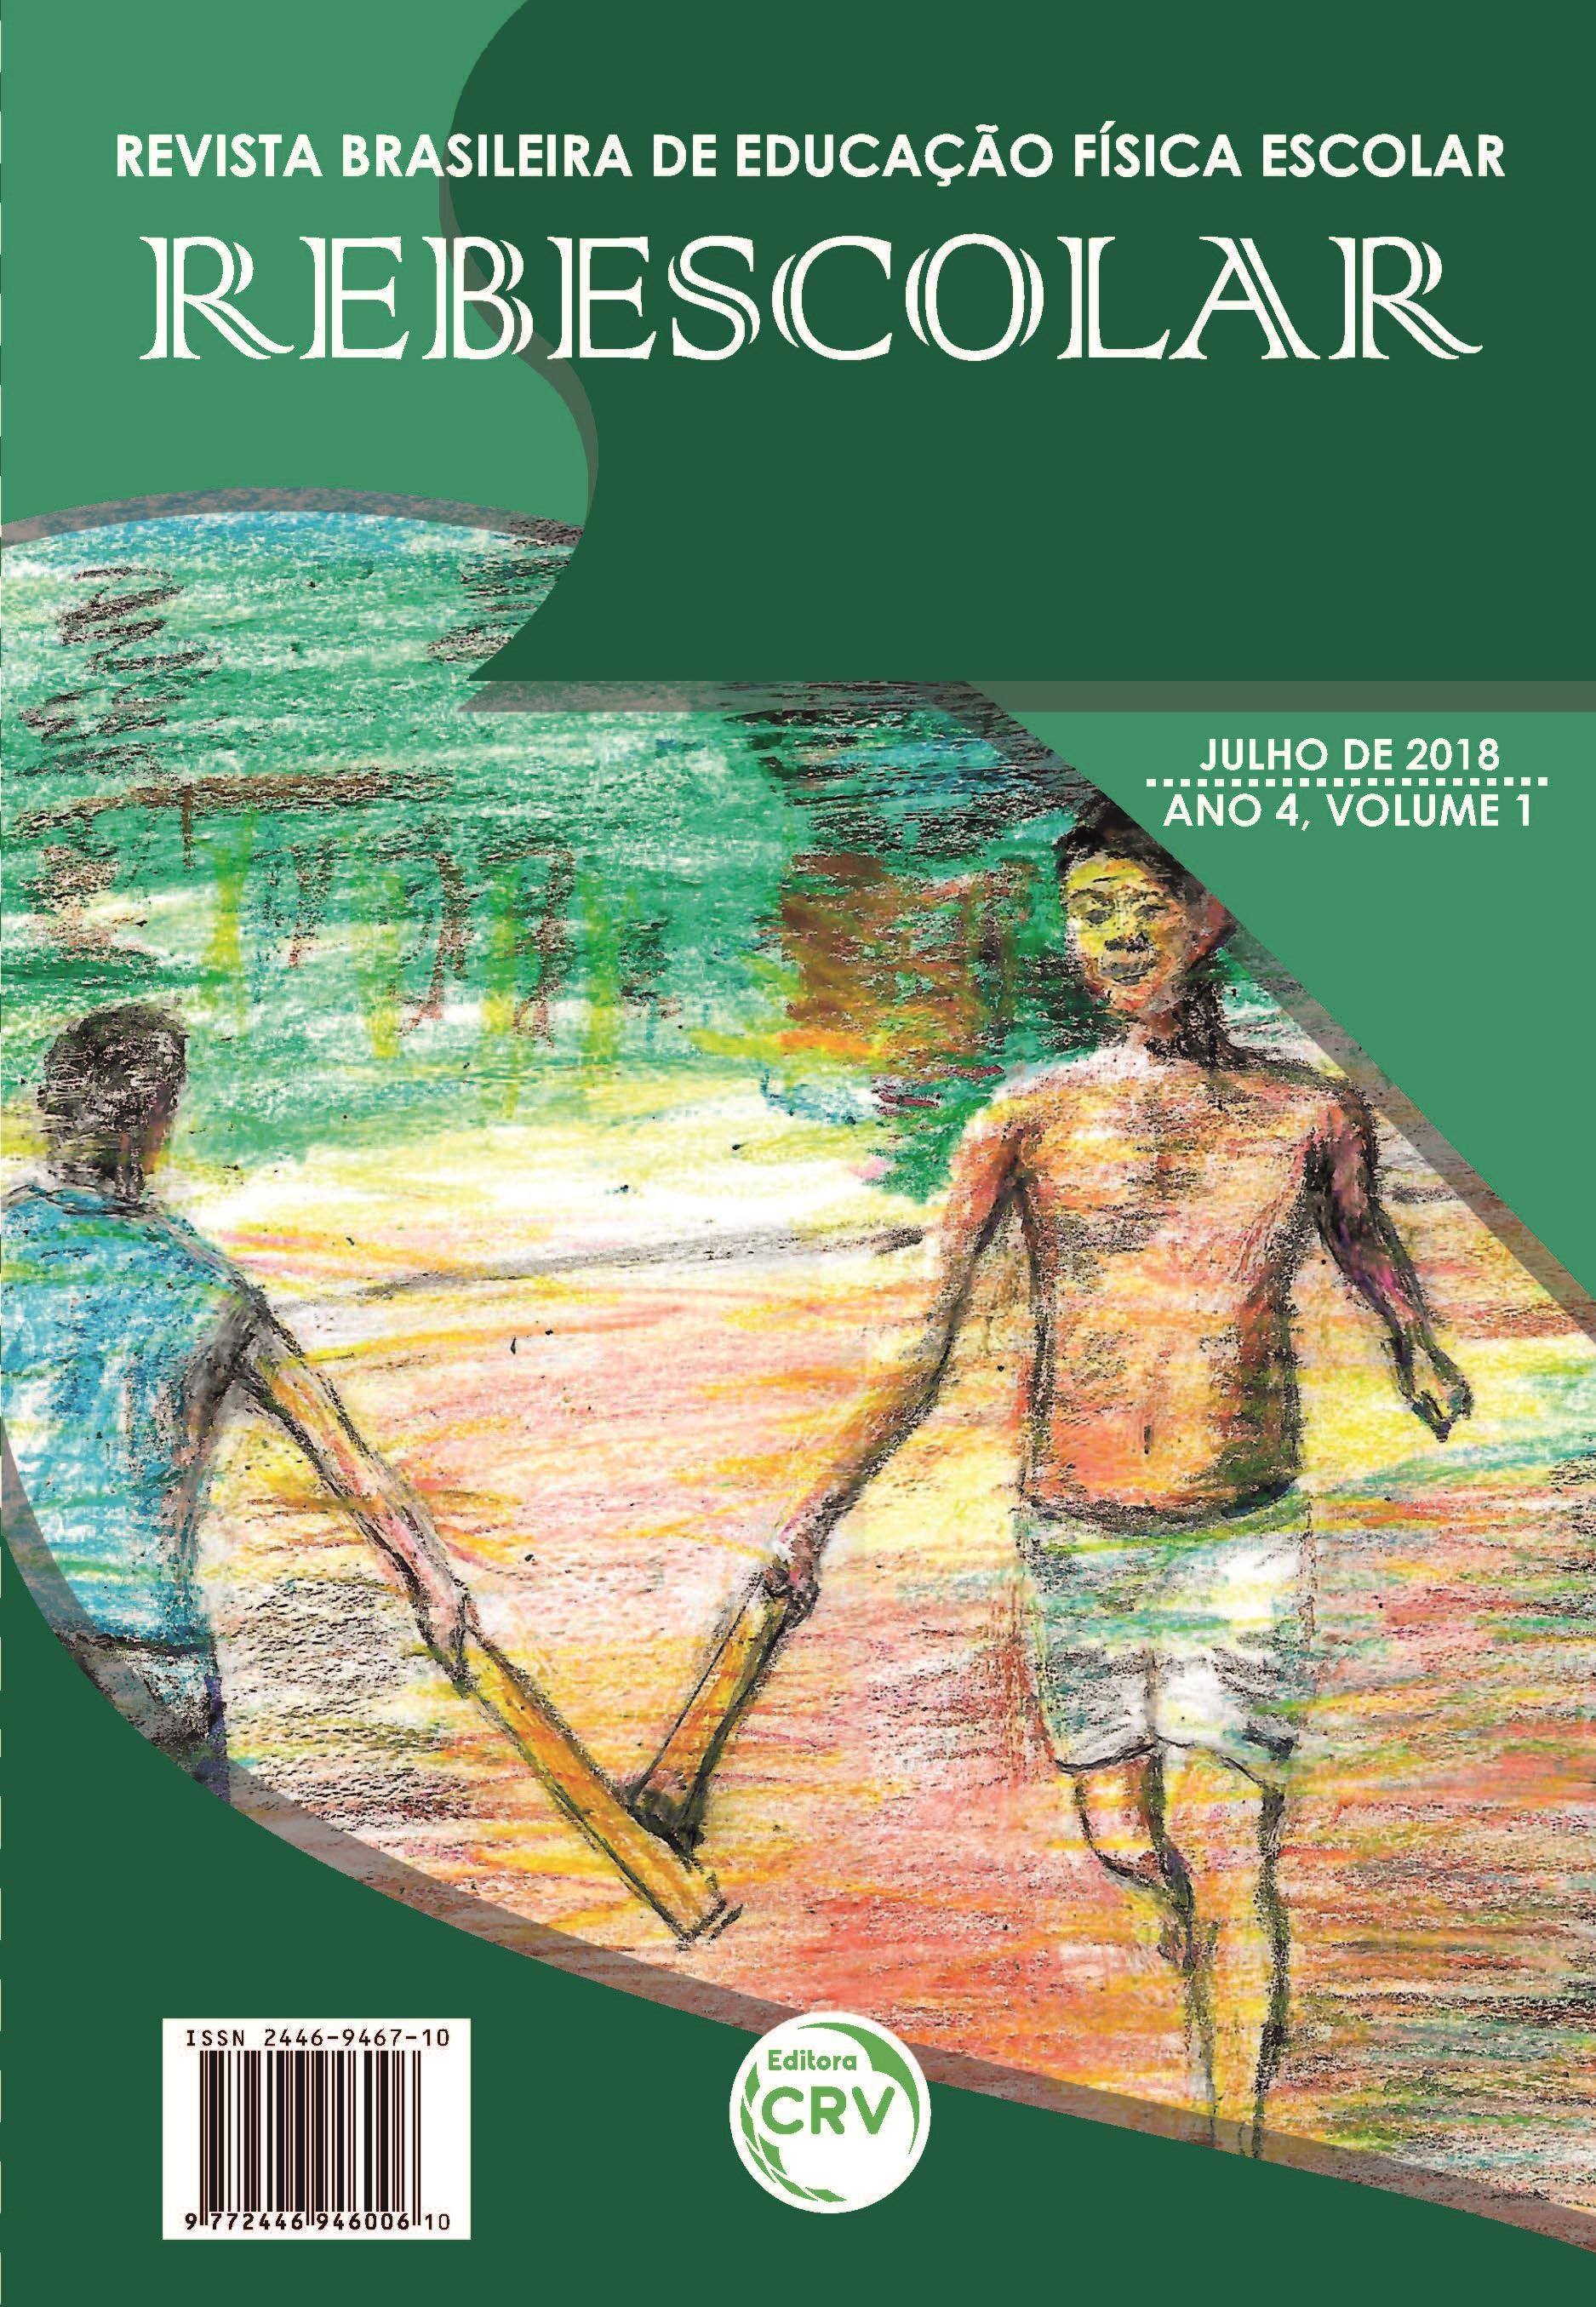 Capa do livro: ANO IV – VOLUME I – JULHO 2018 <br> REVISTA BRASILEIRA DE EDUCAÇÃO FÍSICA ESCOLAR - REBESCOLAR